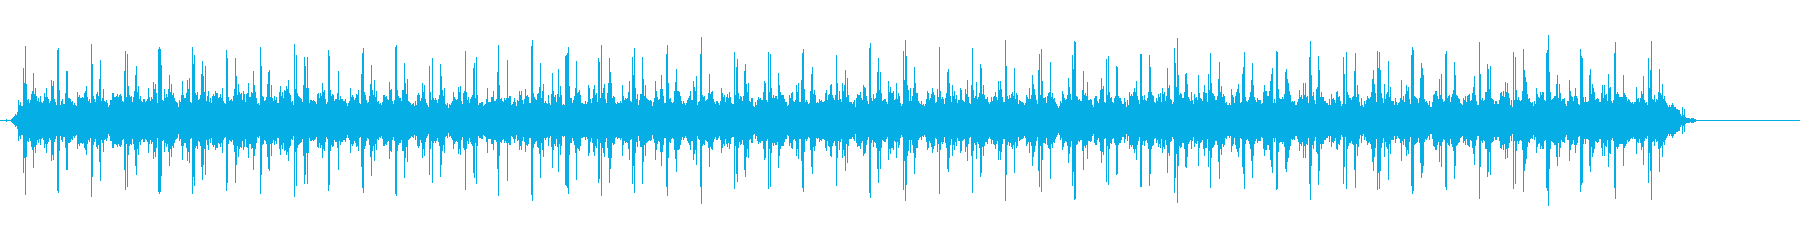 ボックスファクトリー1の再生済みの波形